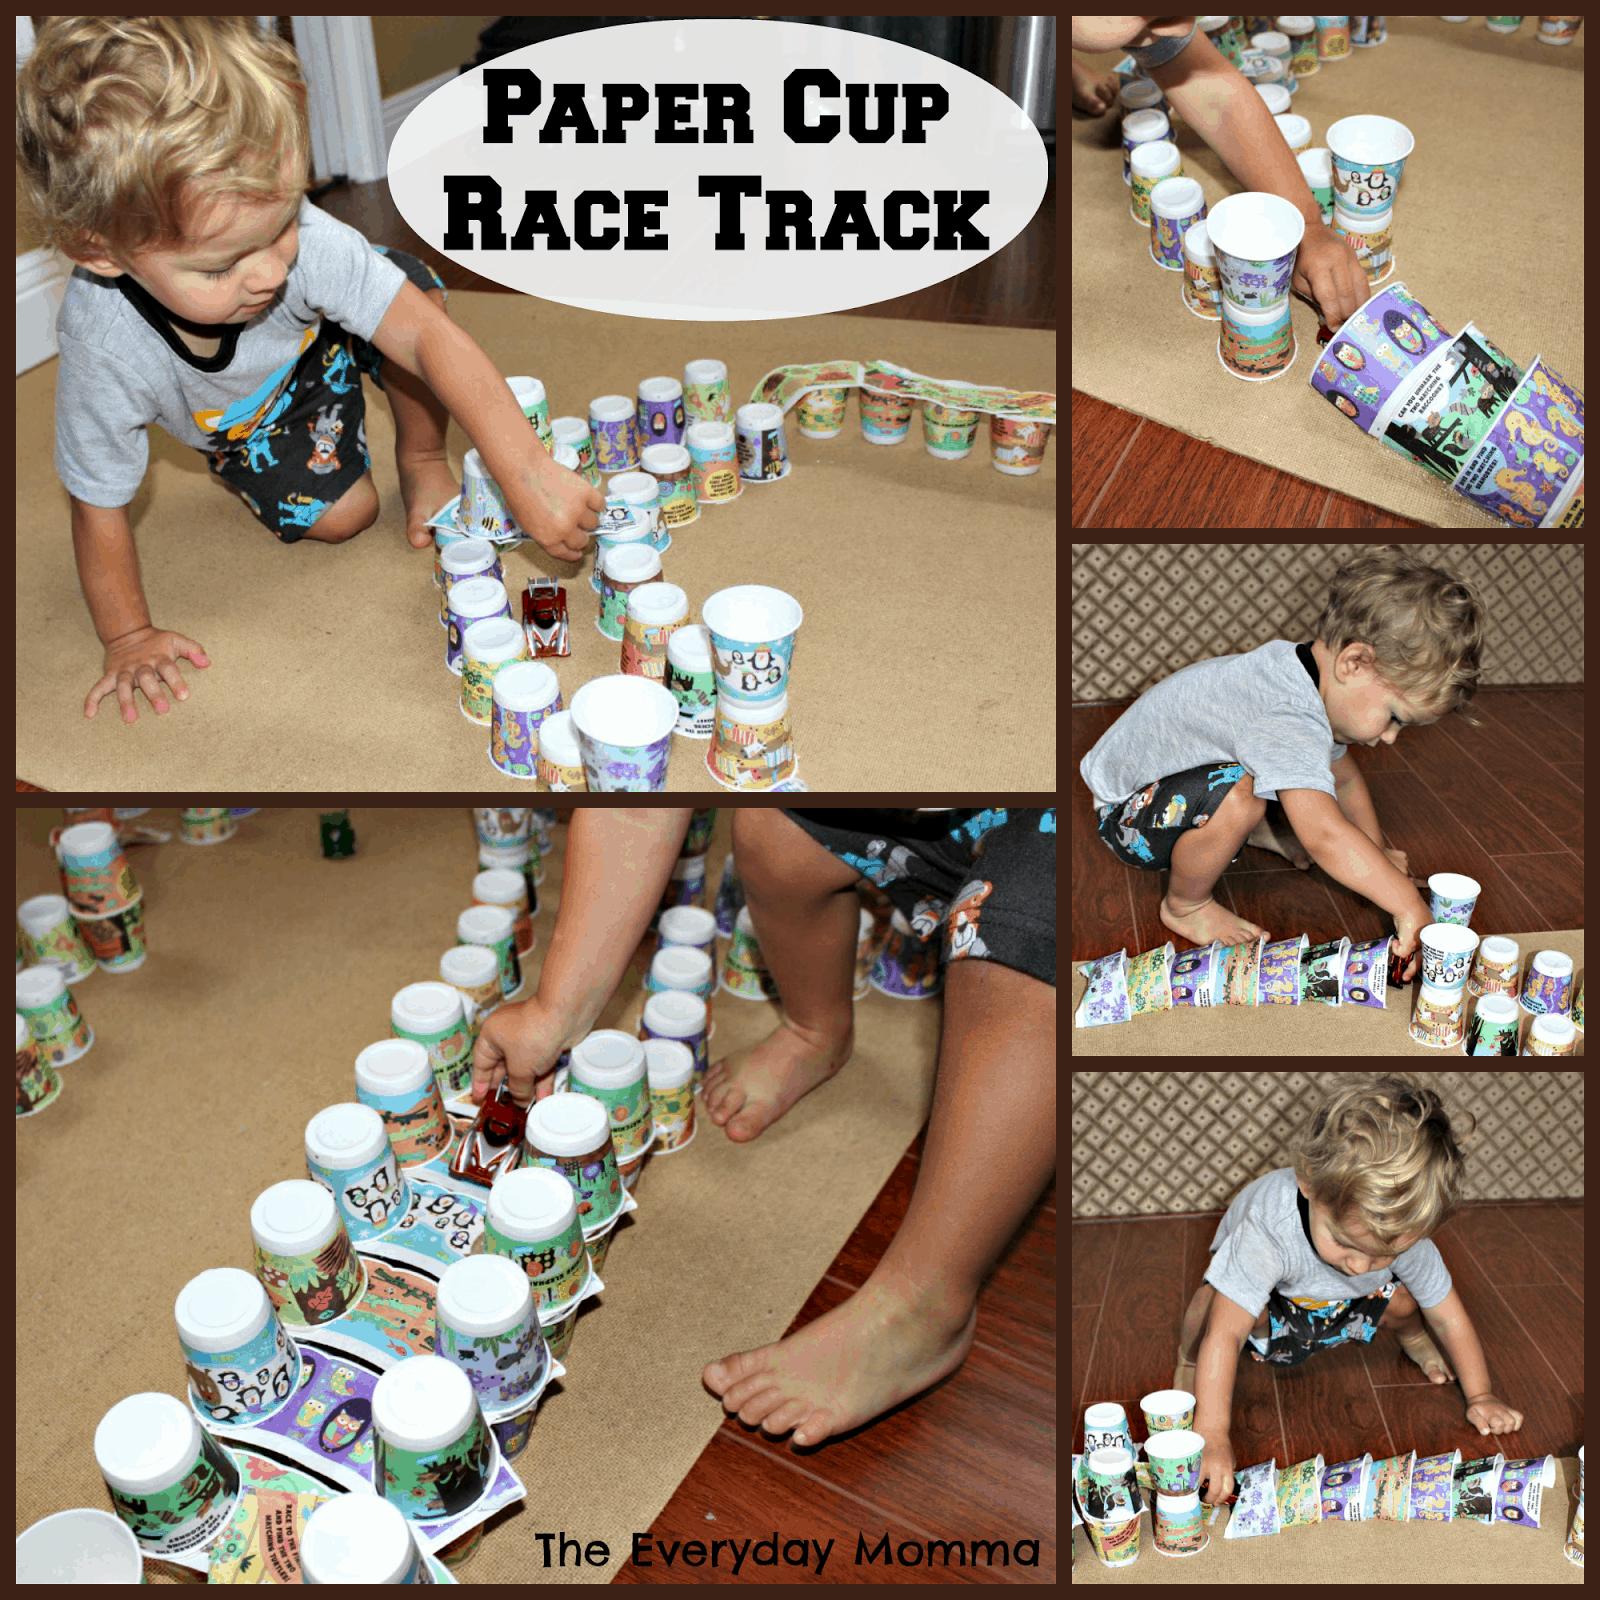 Paper cup racetrack